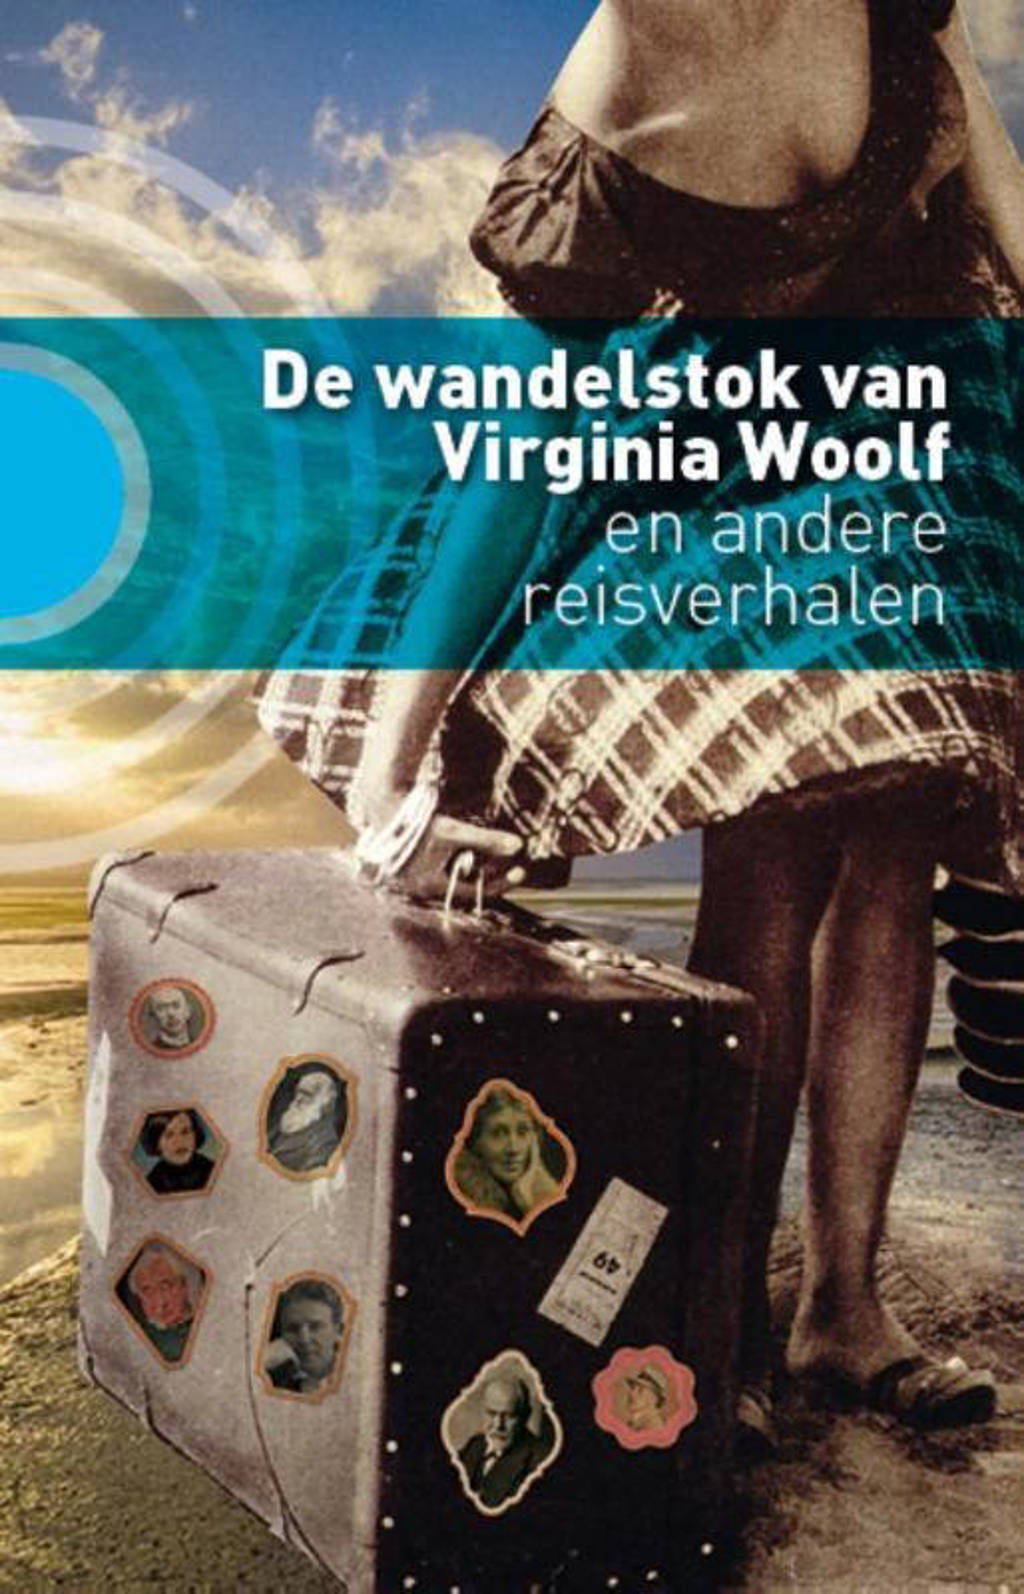 De wandelstok van Virginia Woolf - Marijke Arijs